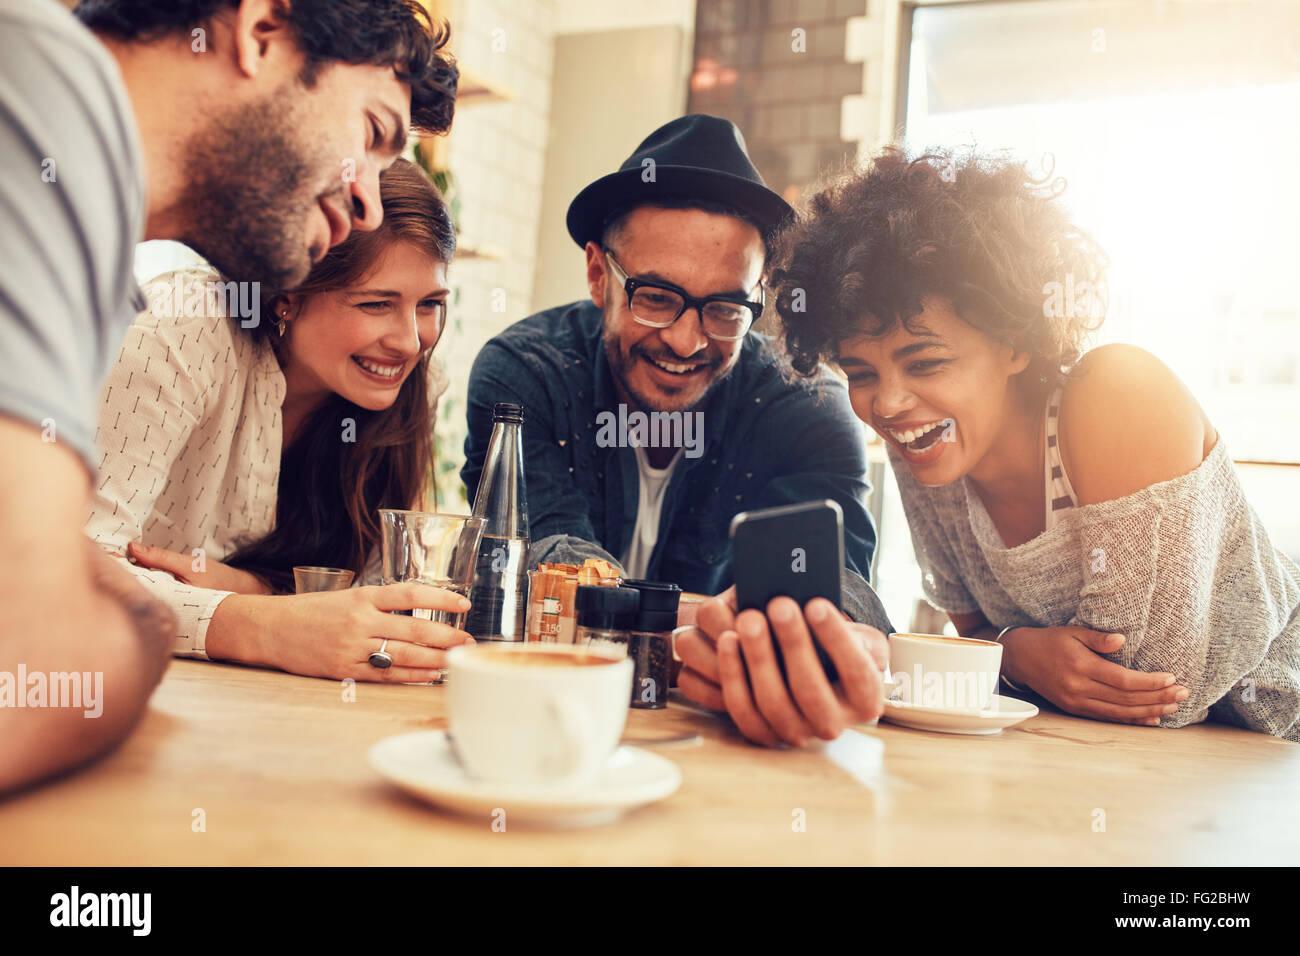 Ritratto di Allegro giovani amici guardando smart phone mentre è seduto al cafe'. Razza mista persone sedute Immagini Stock